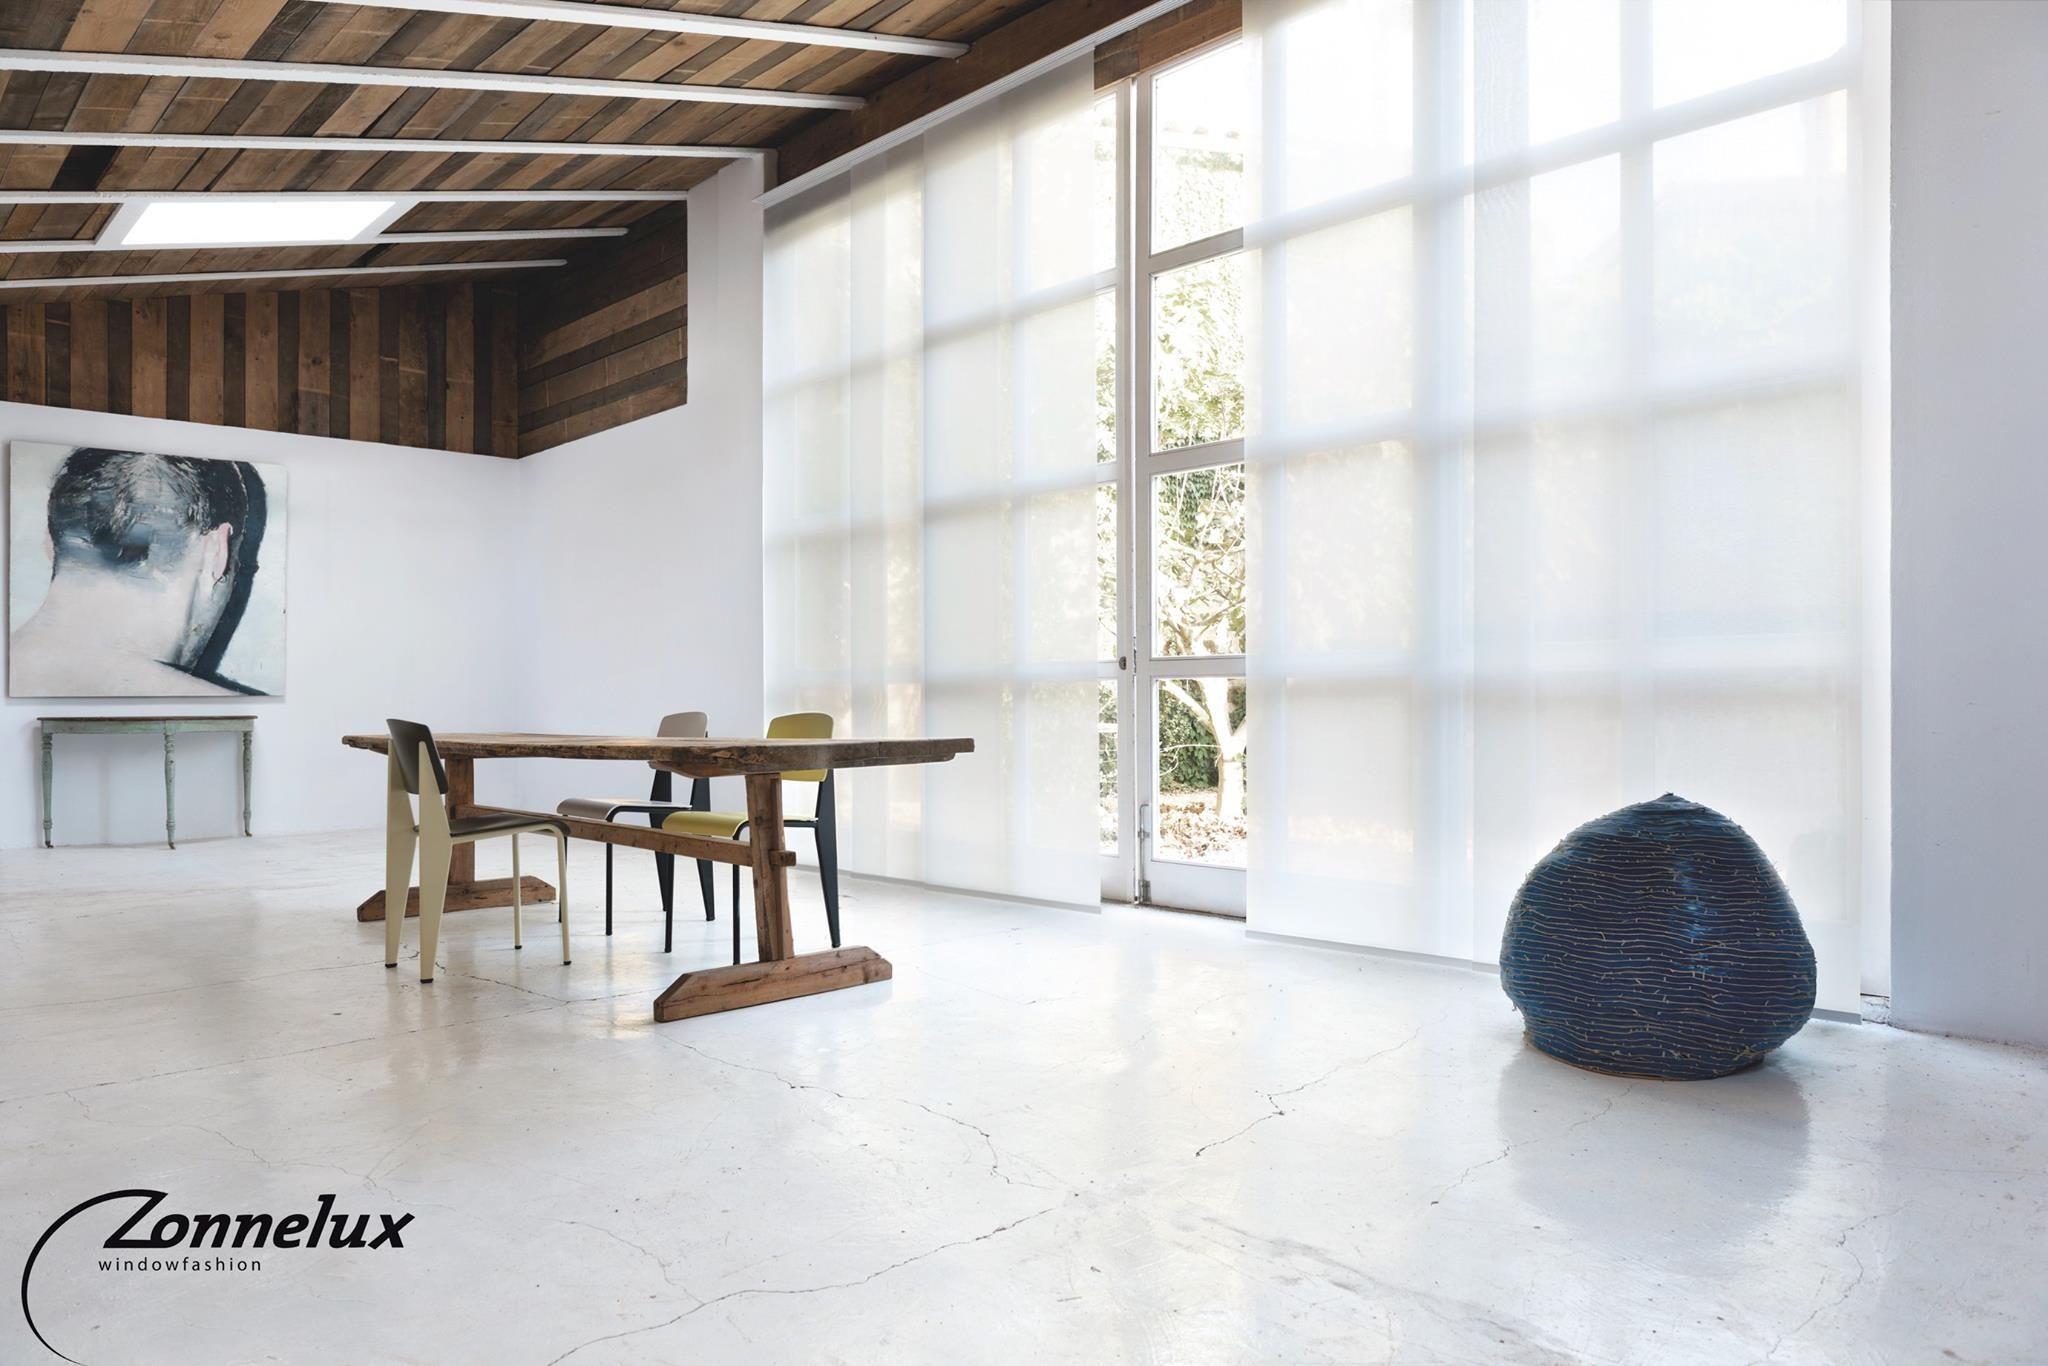 Woonkamer inrichten met veel ramen beste raambekleding voor je